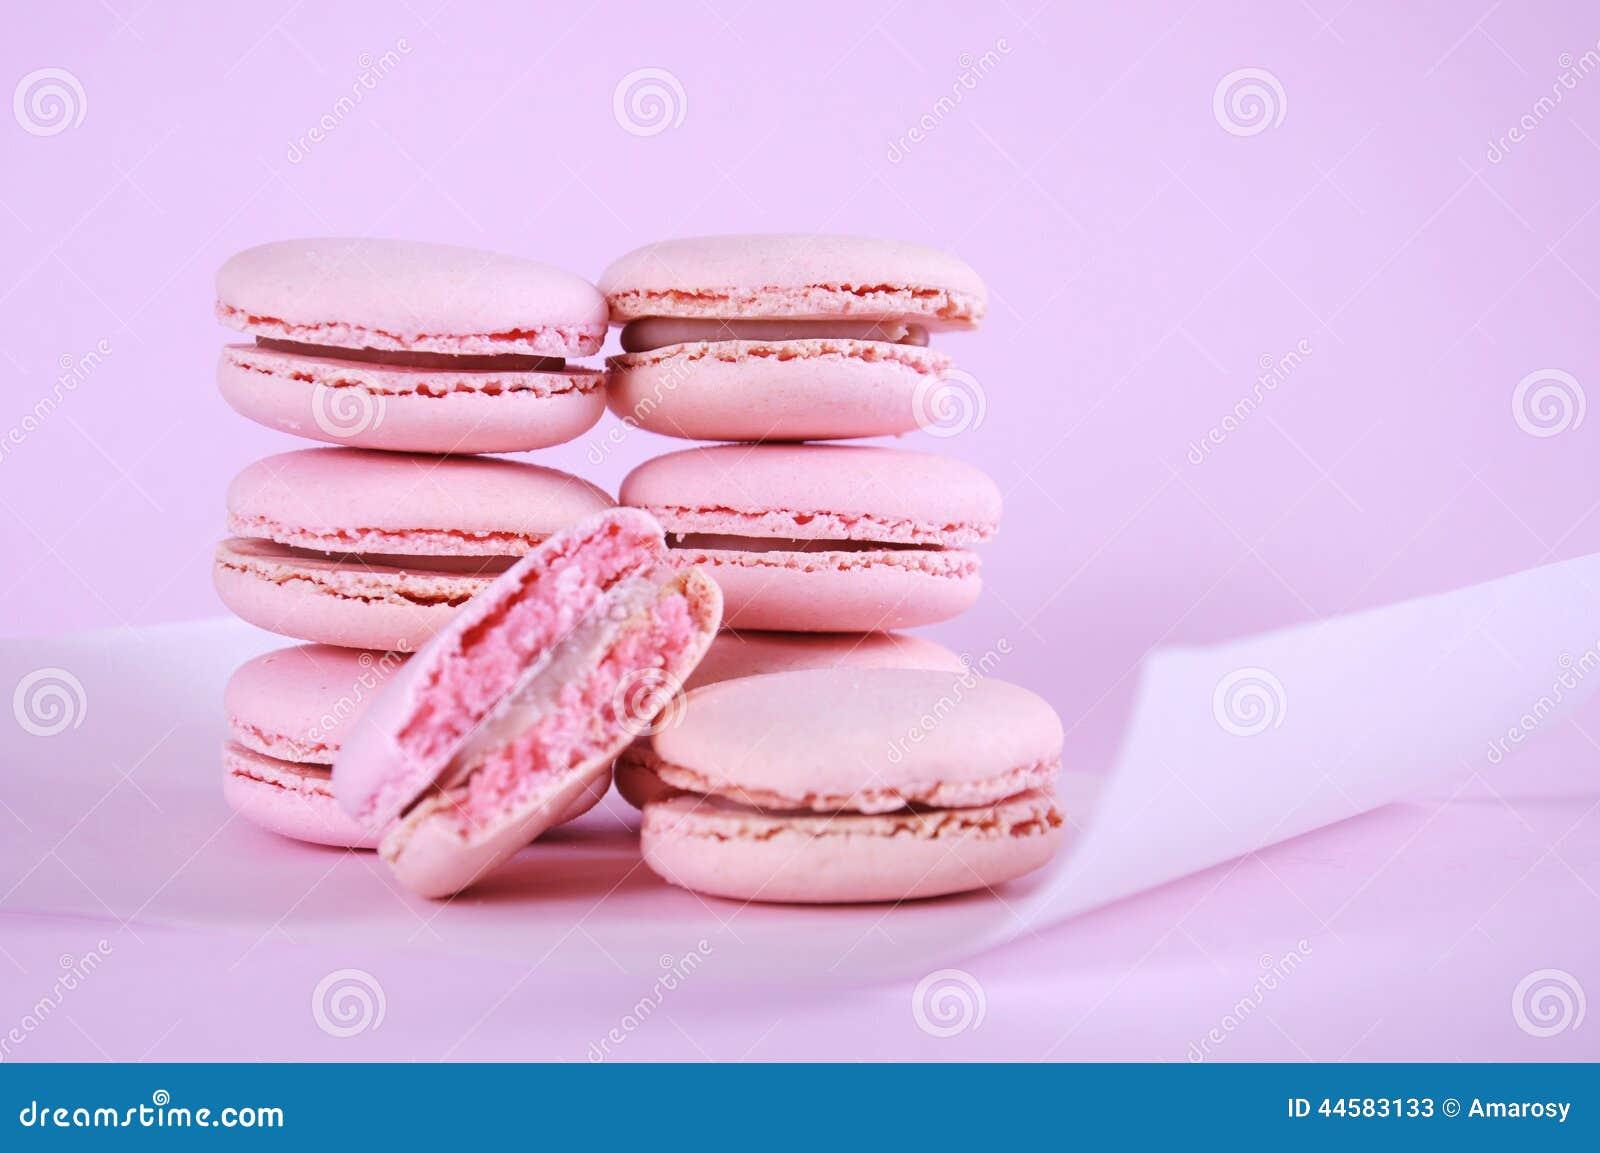 桃红色macarons小蛋糕曲奇饼 库存图片. 图片 包括有 没人, 类似, 传统, 特写镜头, 快餐, 早晨 ...